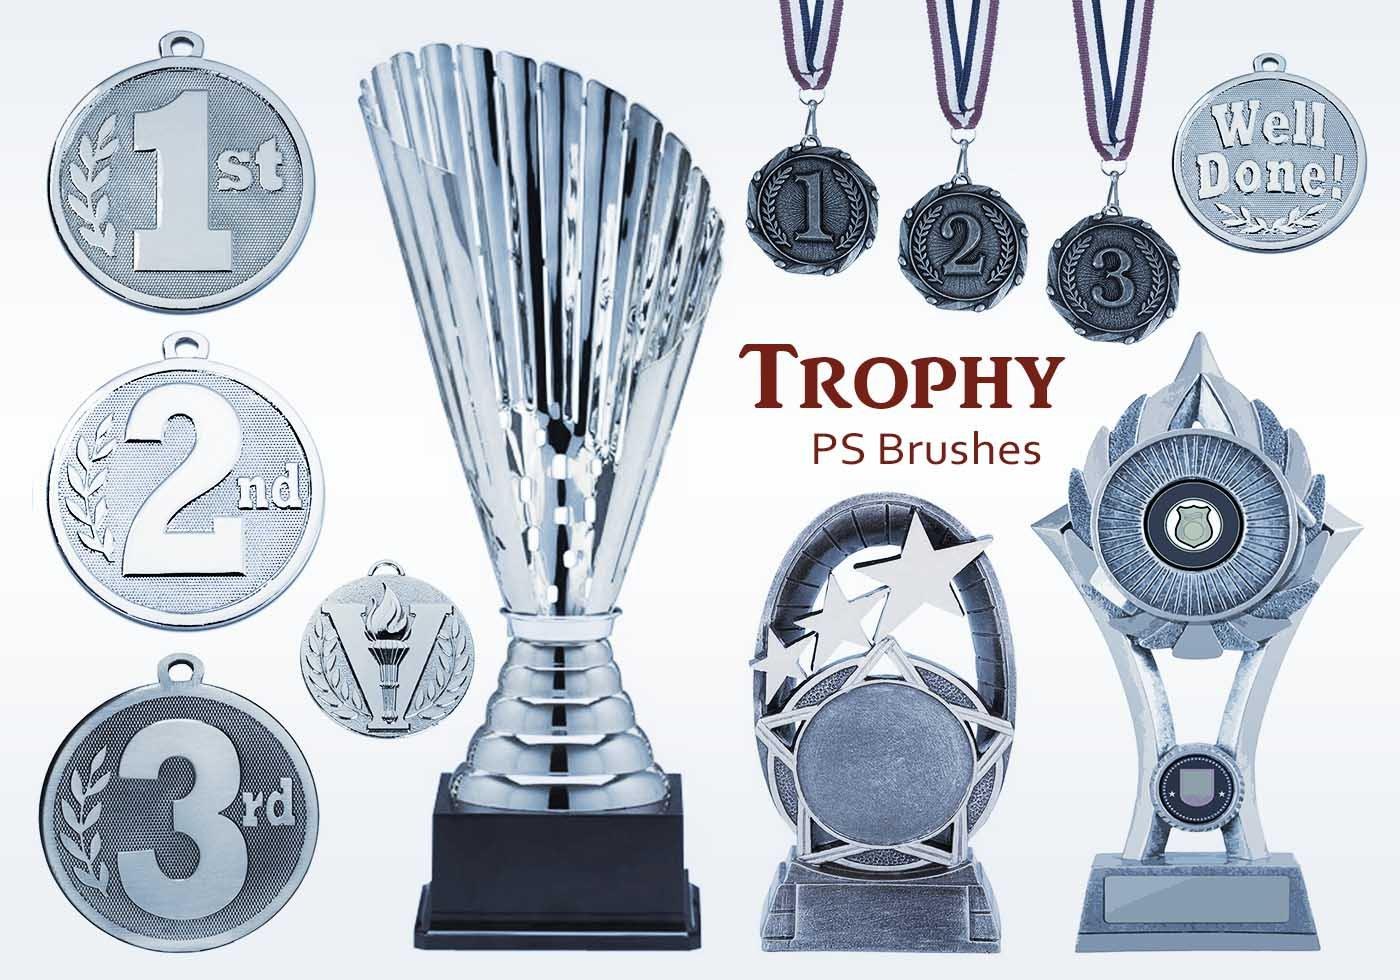 20 Trophy Ps Brushes Abrvol13 Free Photoshop Brushes At Brusheezy